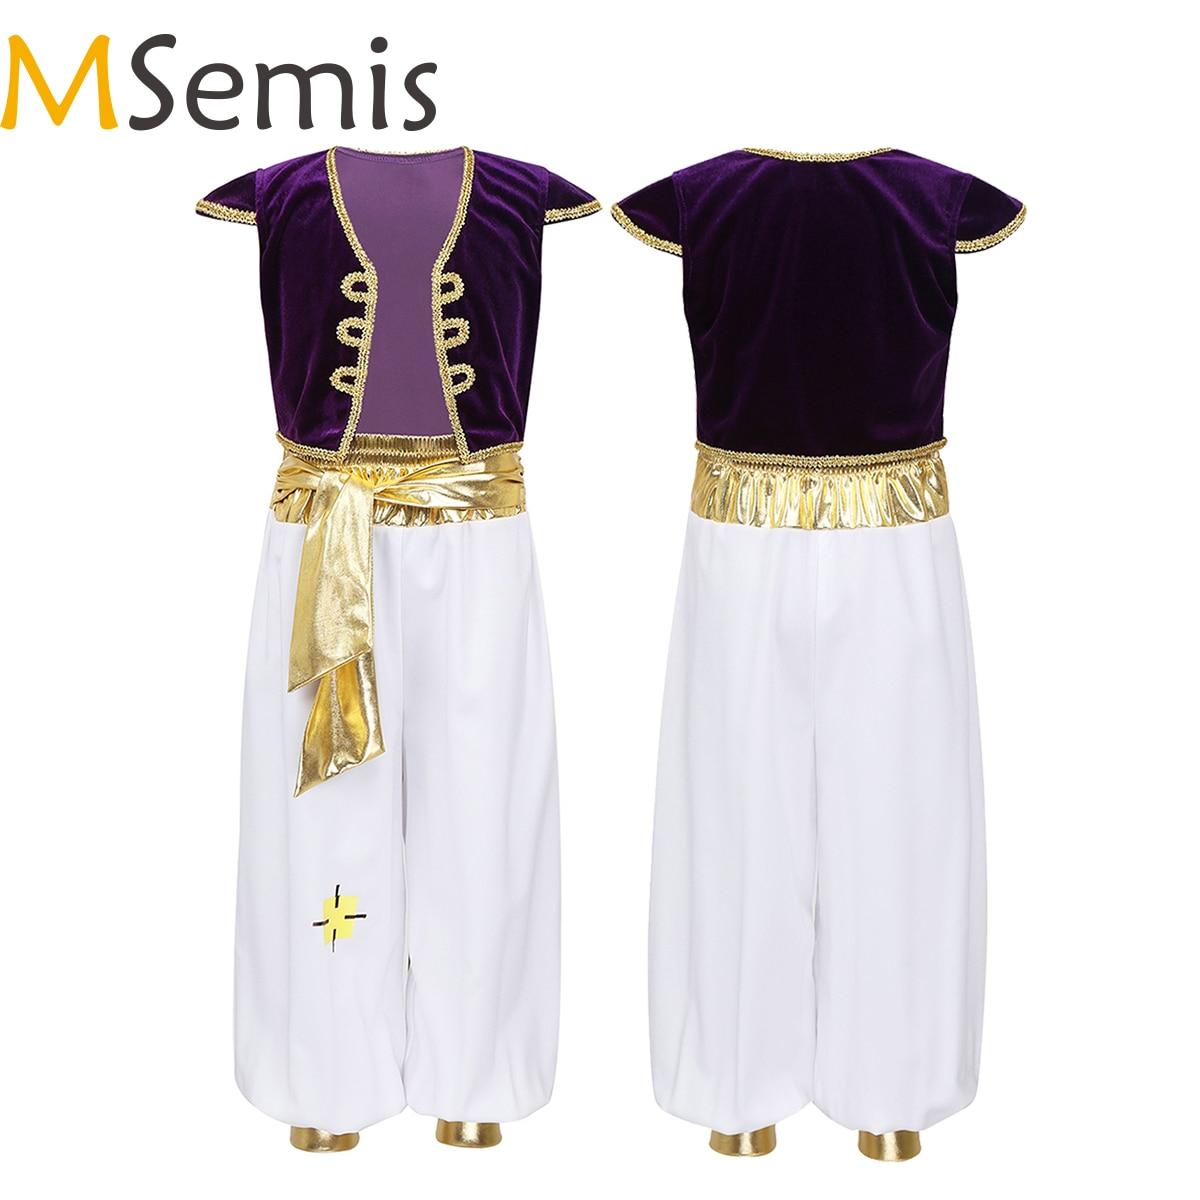 MSemis/Детские костюмы для мальчиков; костюм арабского принца; жилет с рукавами-крылышками и штаны для костюмированной вечеринки на Хэллоуин